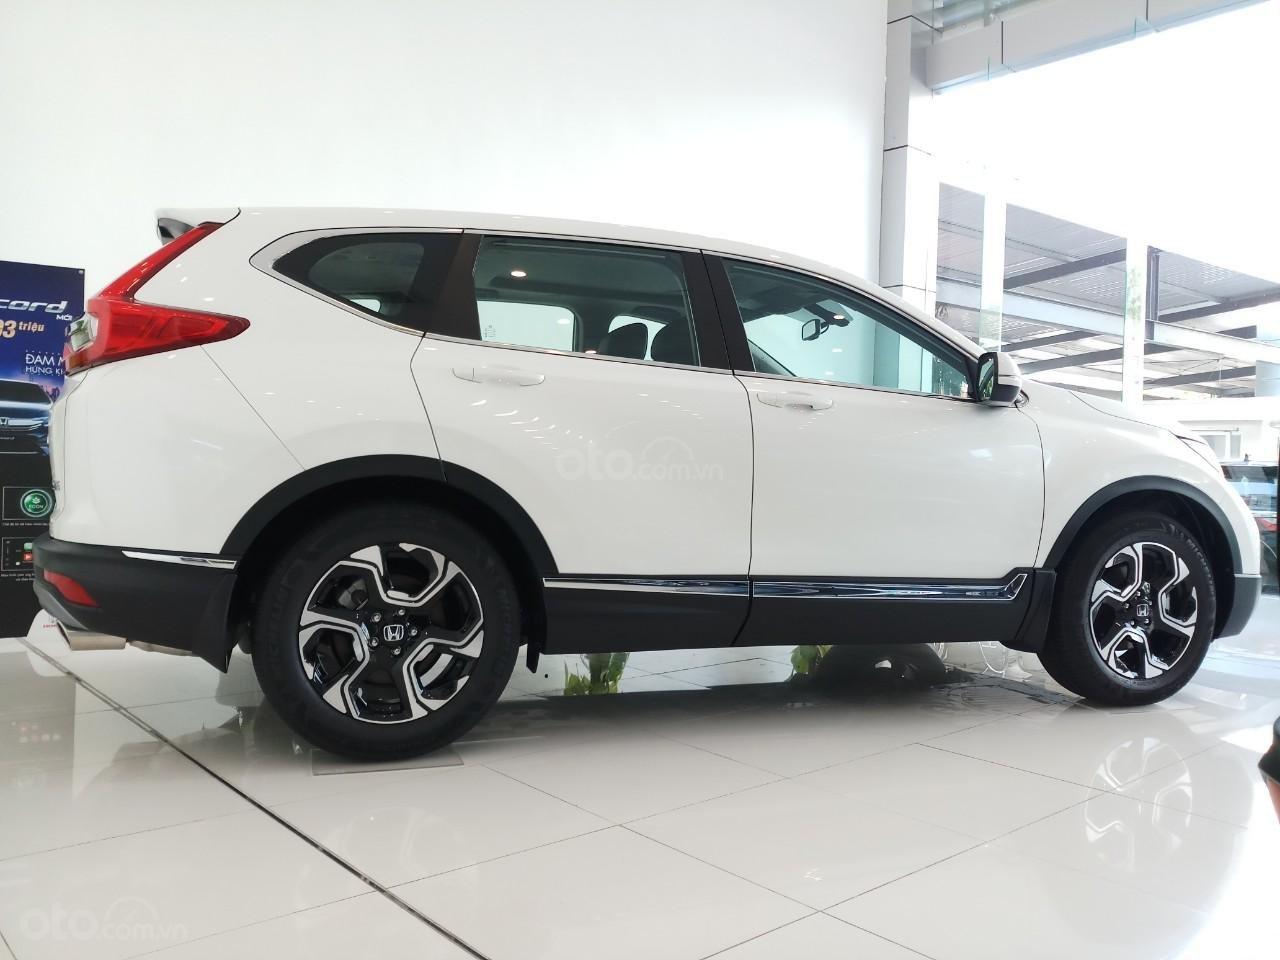 Giao ngay khuyến mại khủng Honda CRV L 2019, màu trắng: Giảm tiền mặt, tặng bảo hiểm và phụ kiện. Lh: 0964099926 (2)